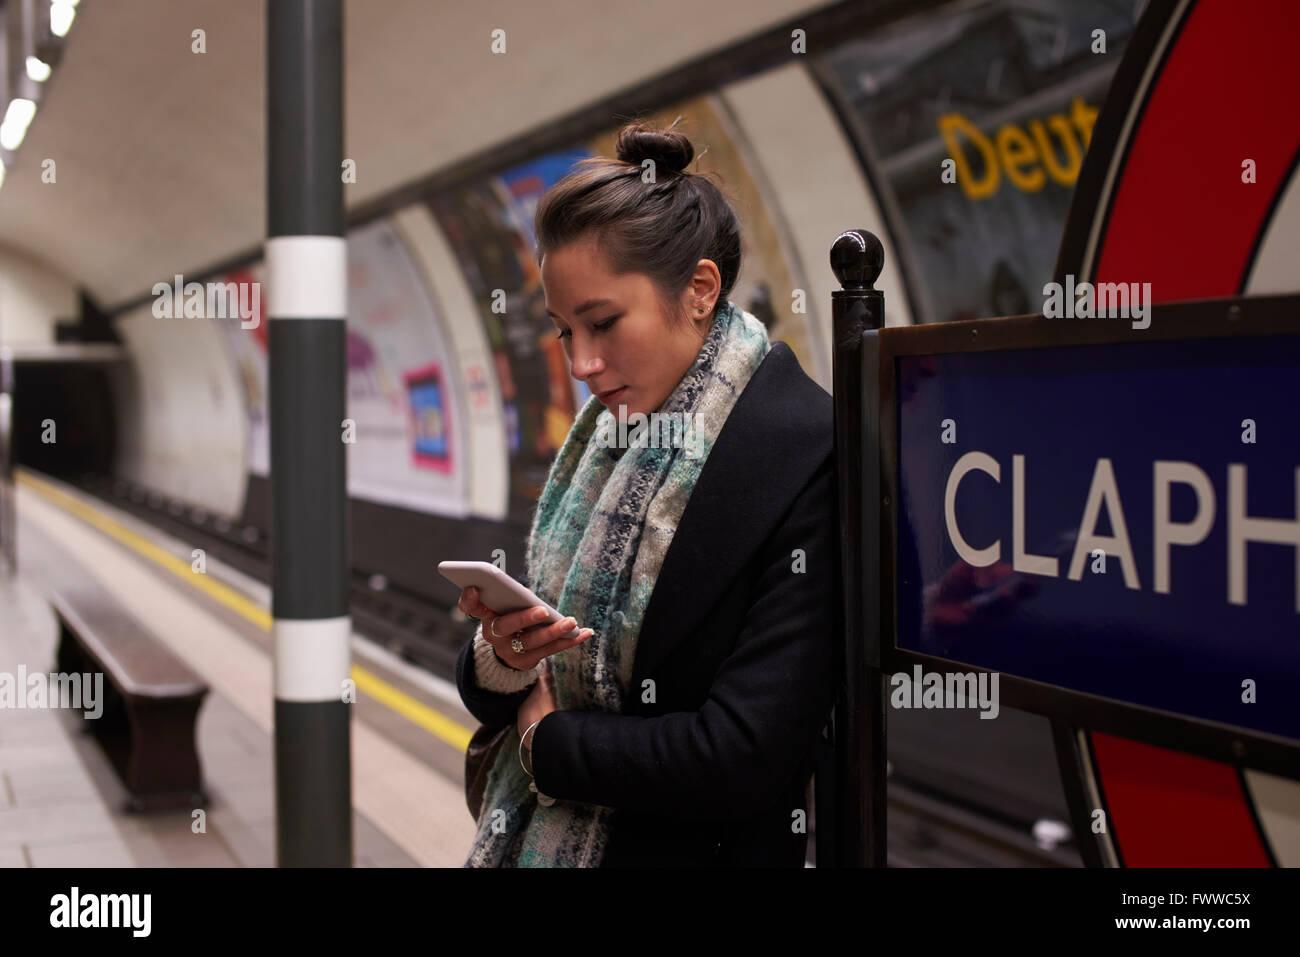 Mujer de pie sobre la plataforma mirando Metro en mensaje de texto Imagen De Stock